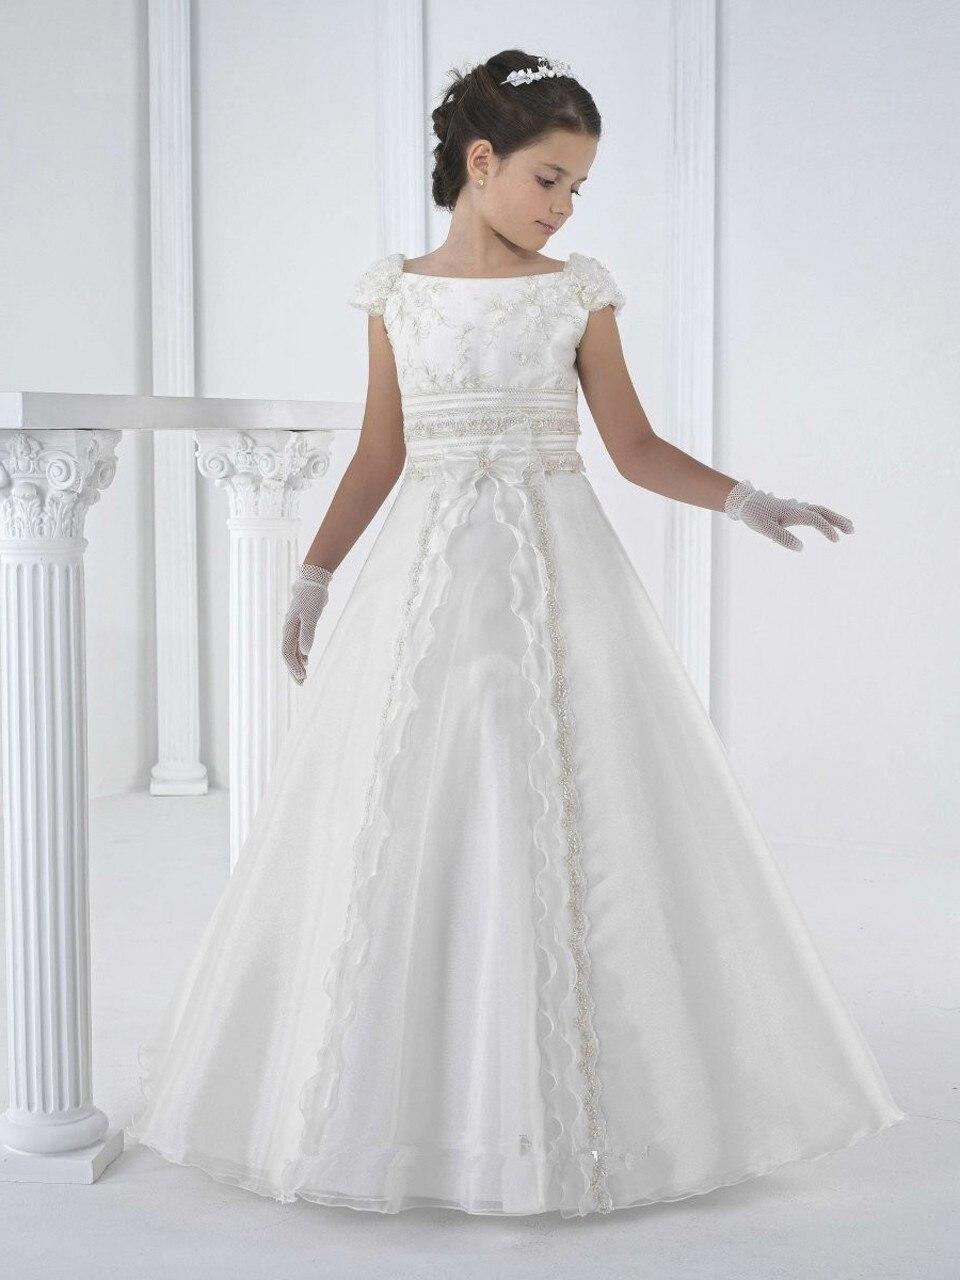 Short Flower Girl Dresses for Weddings Lovely a Line Straight White